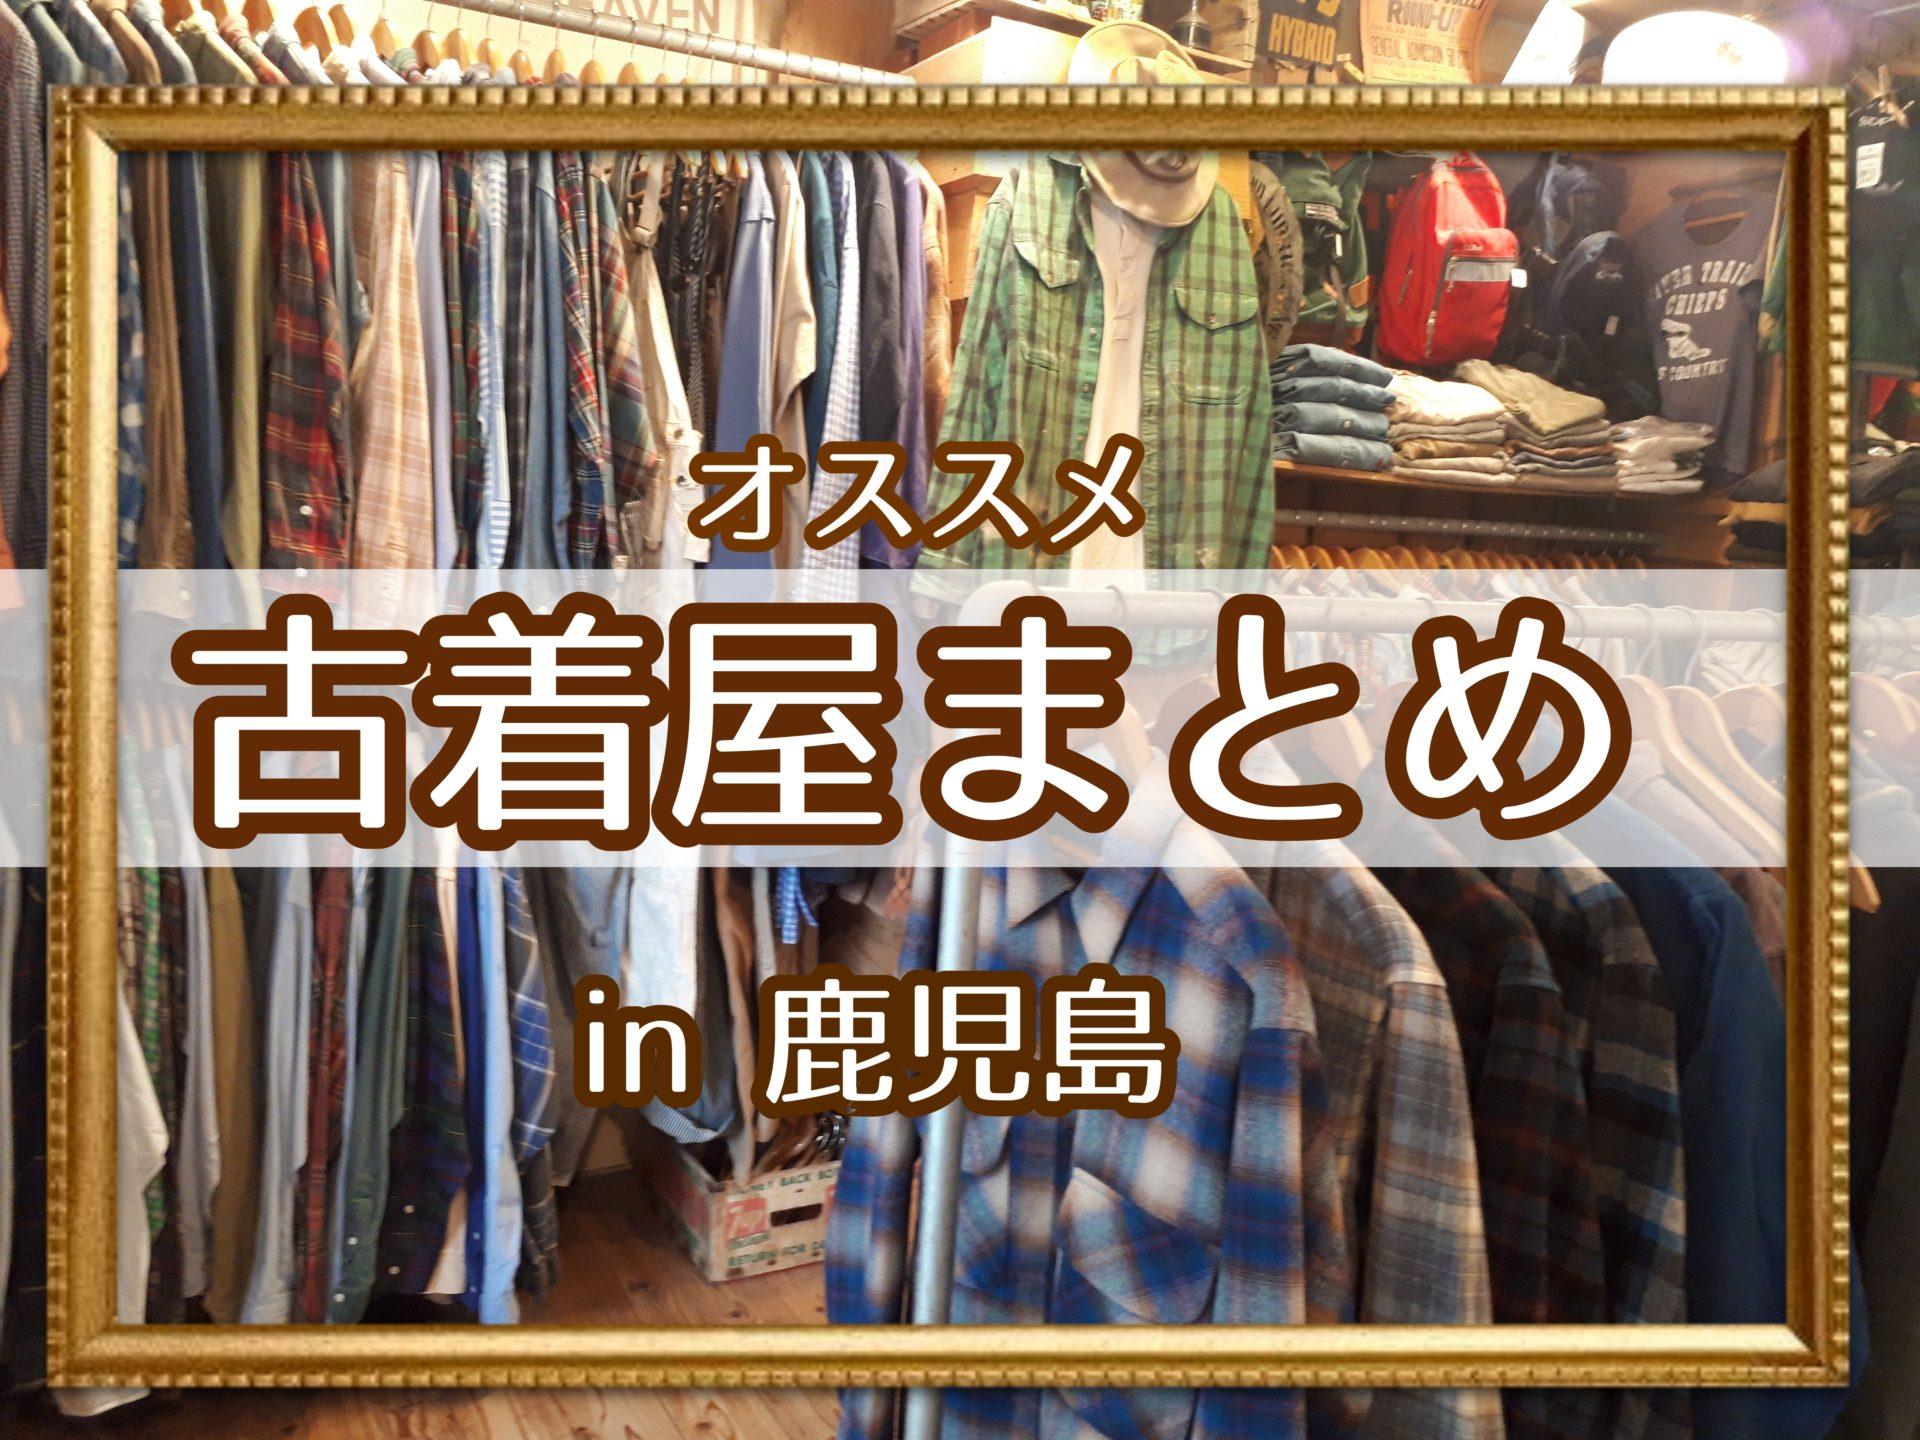 屋 古着 近く の 福岡でおすすめの古着屋20選マップ付きで紹介|安いショップ・定番・ビンテージ